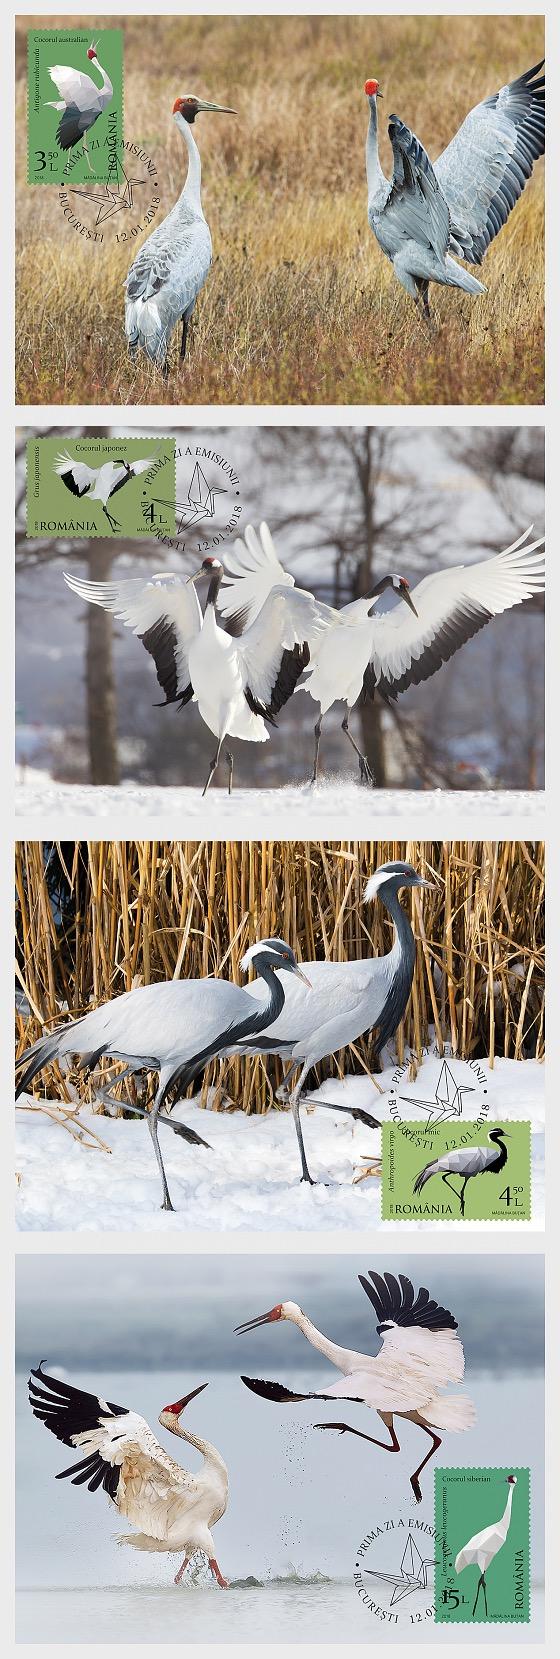 Uccelli Migratori - Gru - Maxi Cards